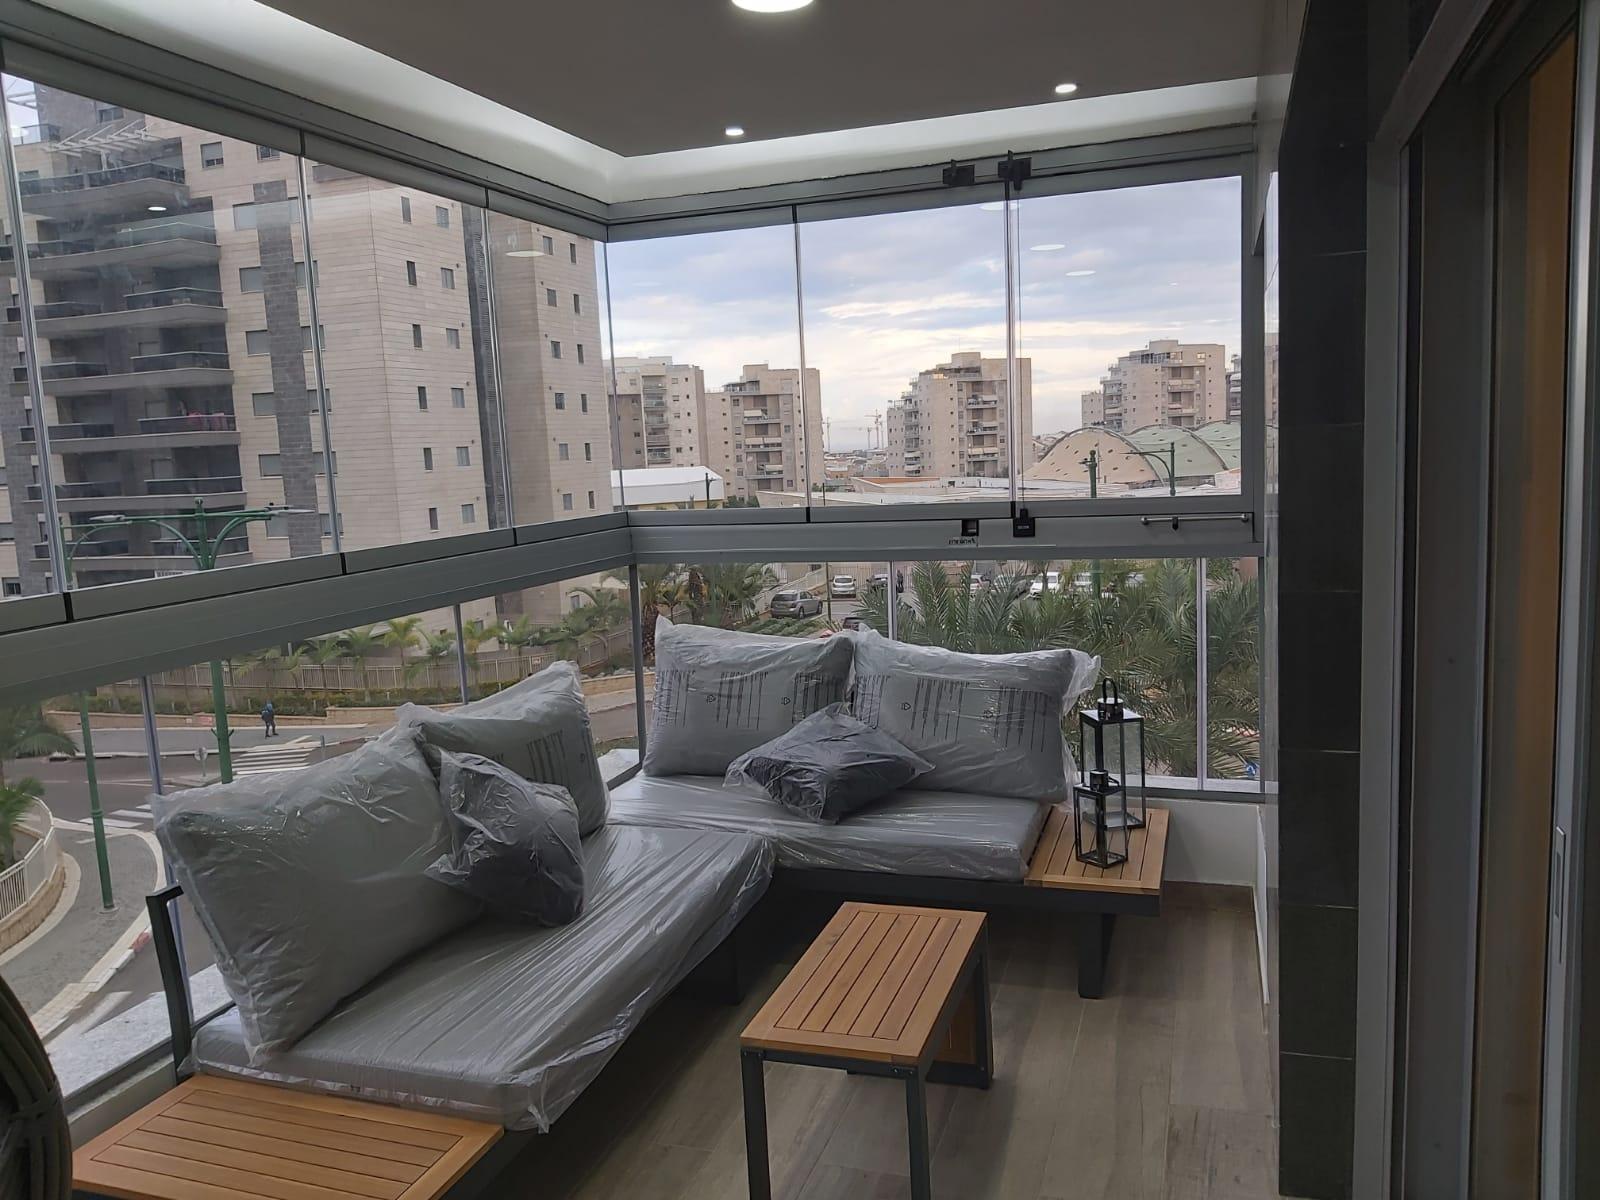 וילון זכוכית למרפסת - אלום צידן